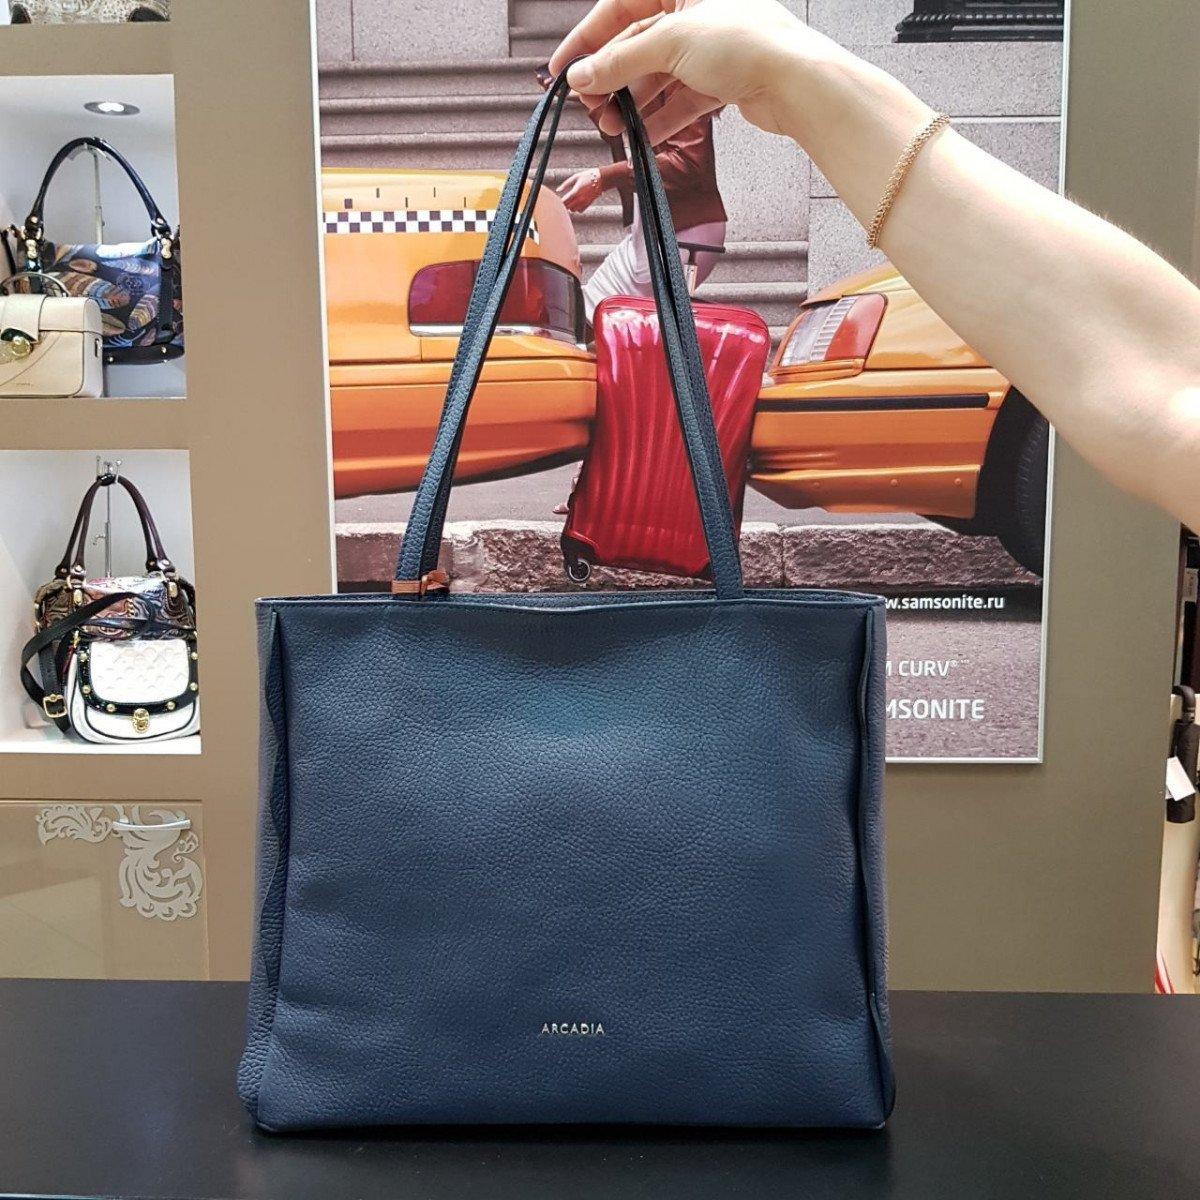 Женская кожаная сумка Arcadia 9183 mir blu из натуральной кожи